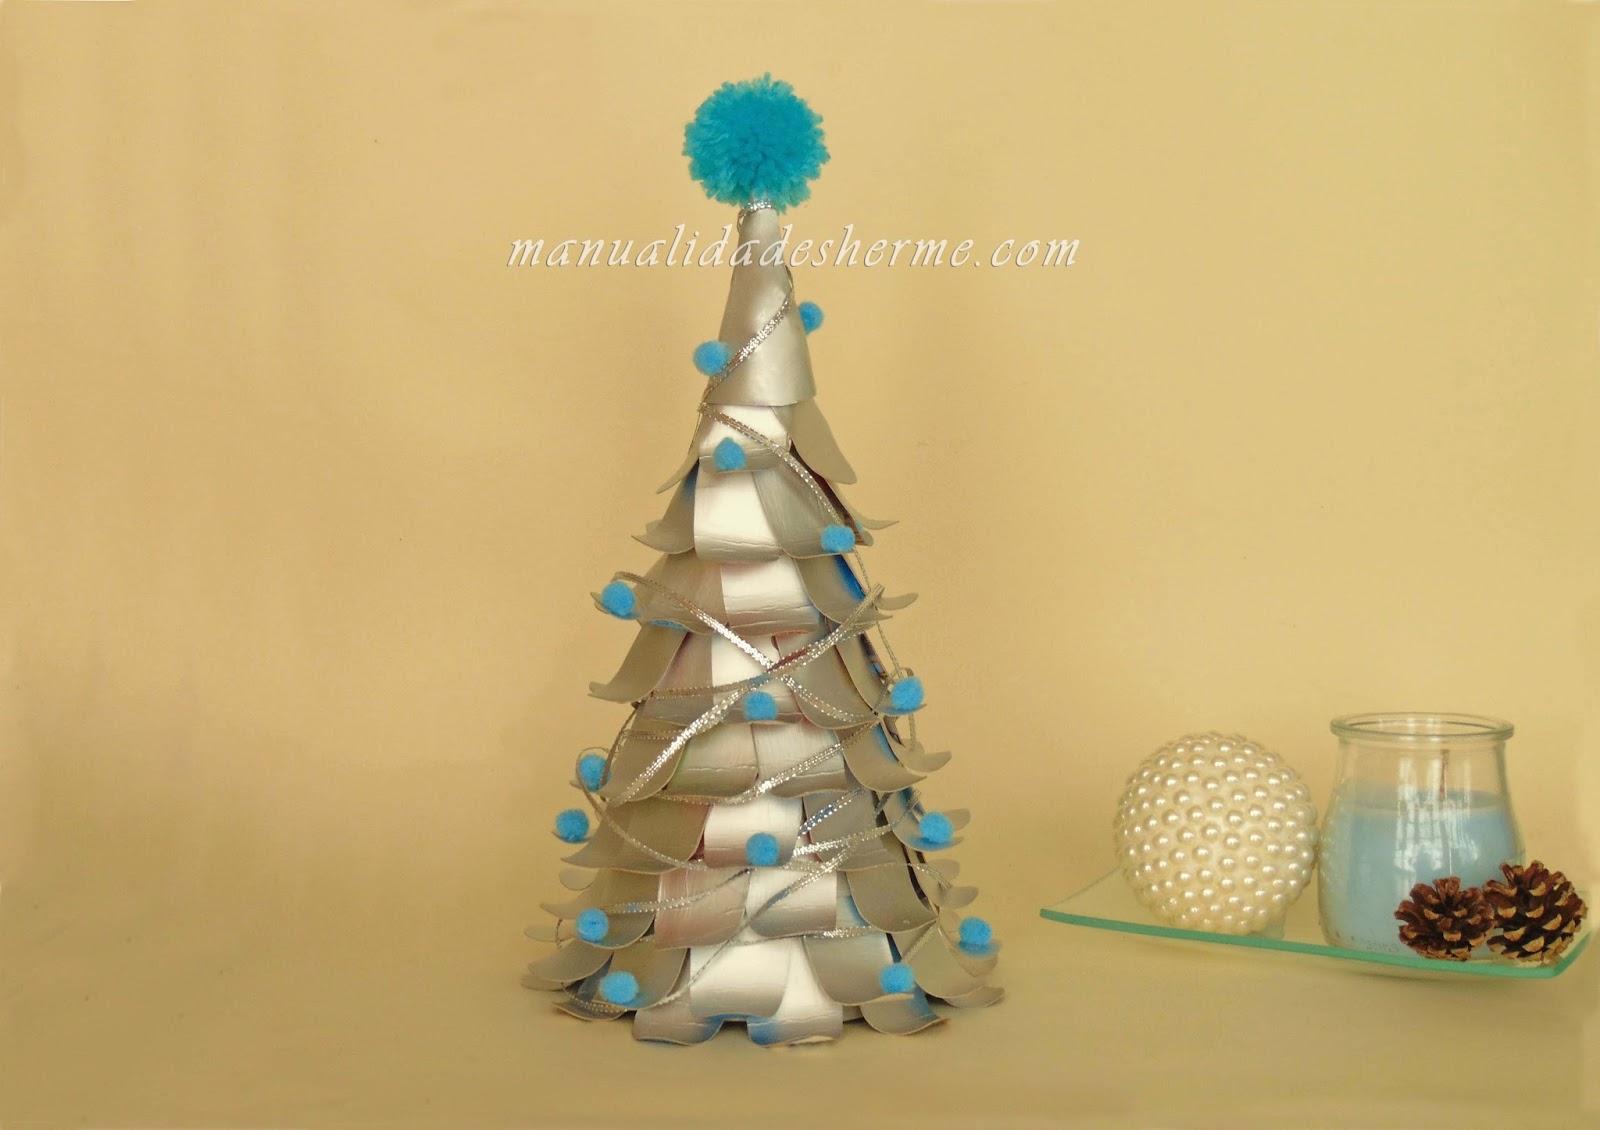 Manualidades Herme Hacer árbol De Navidad Con Cartones De Leche